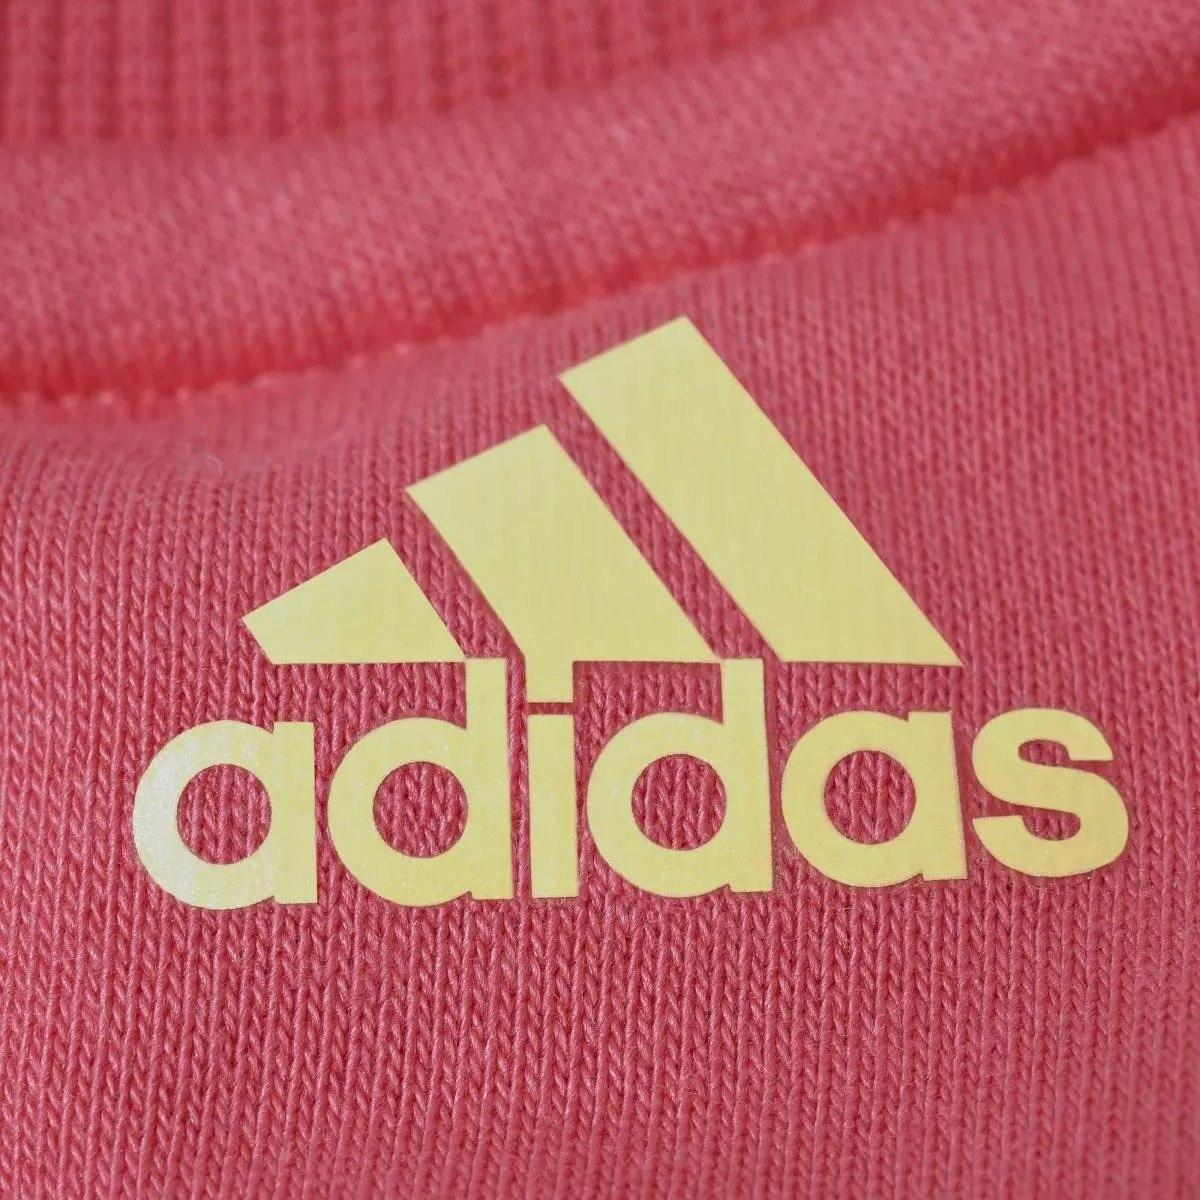 7dbf9ab95 vestido adidas atletico training rock it para nena   niña. Cargando zoom.